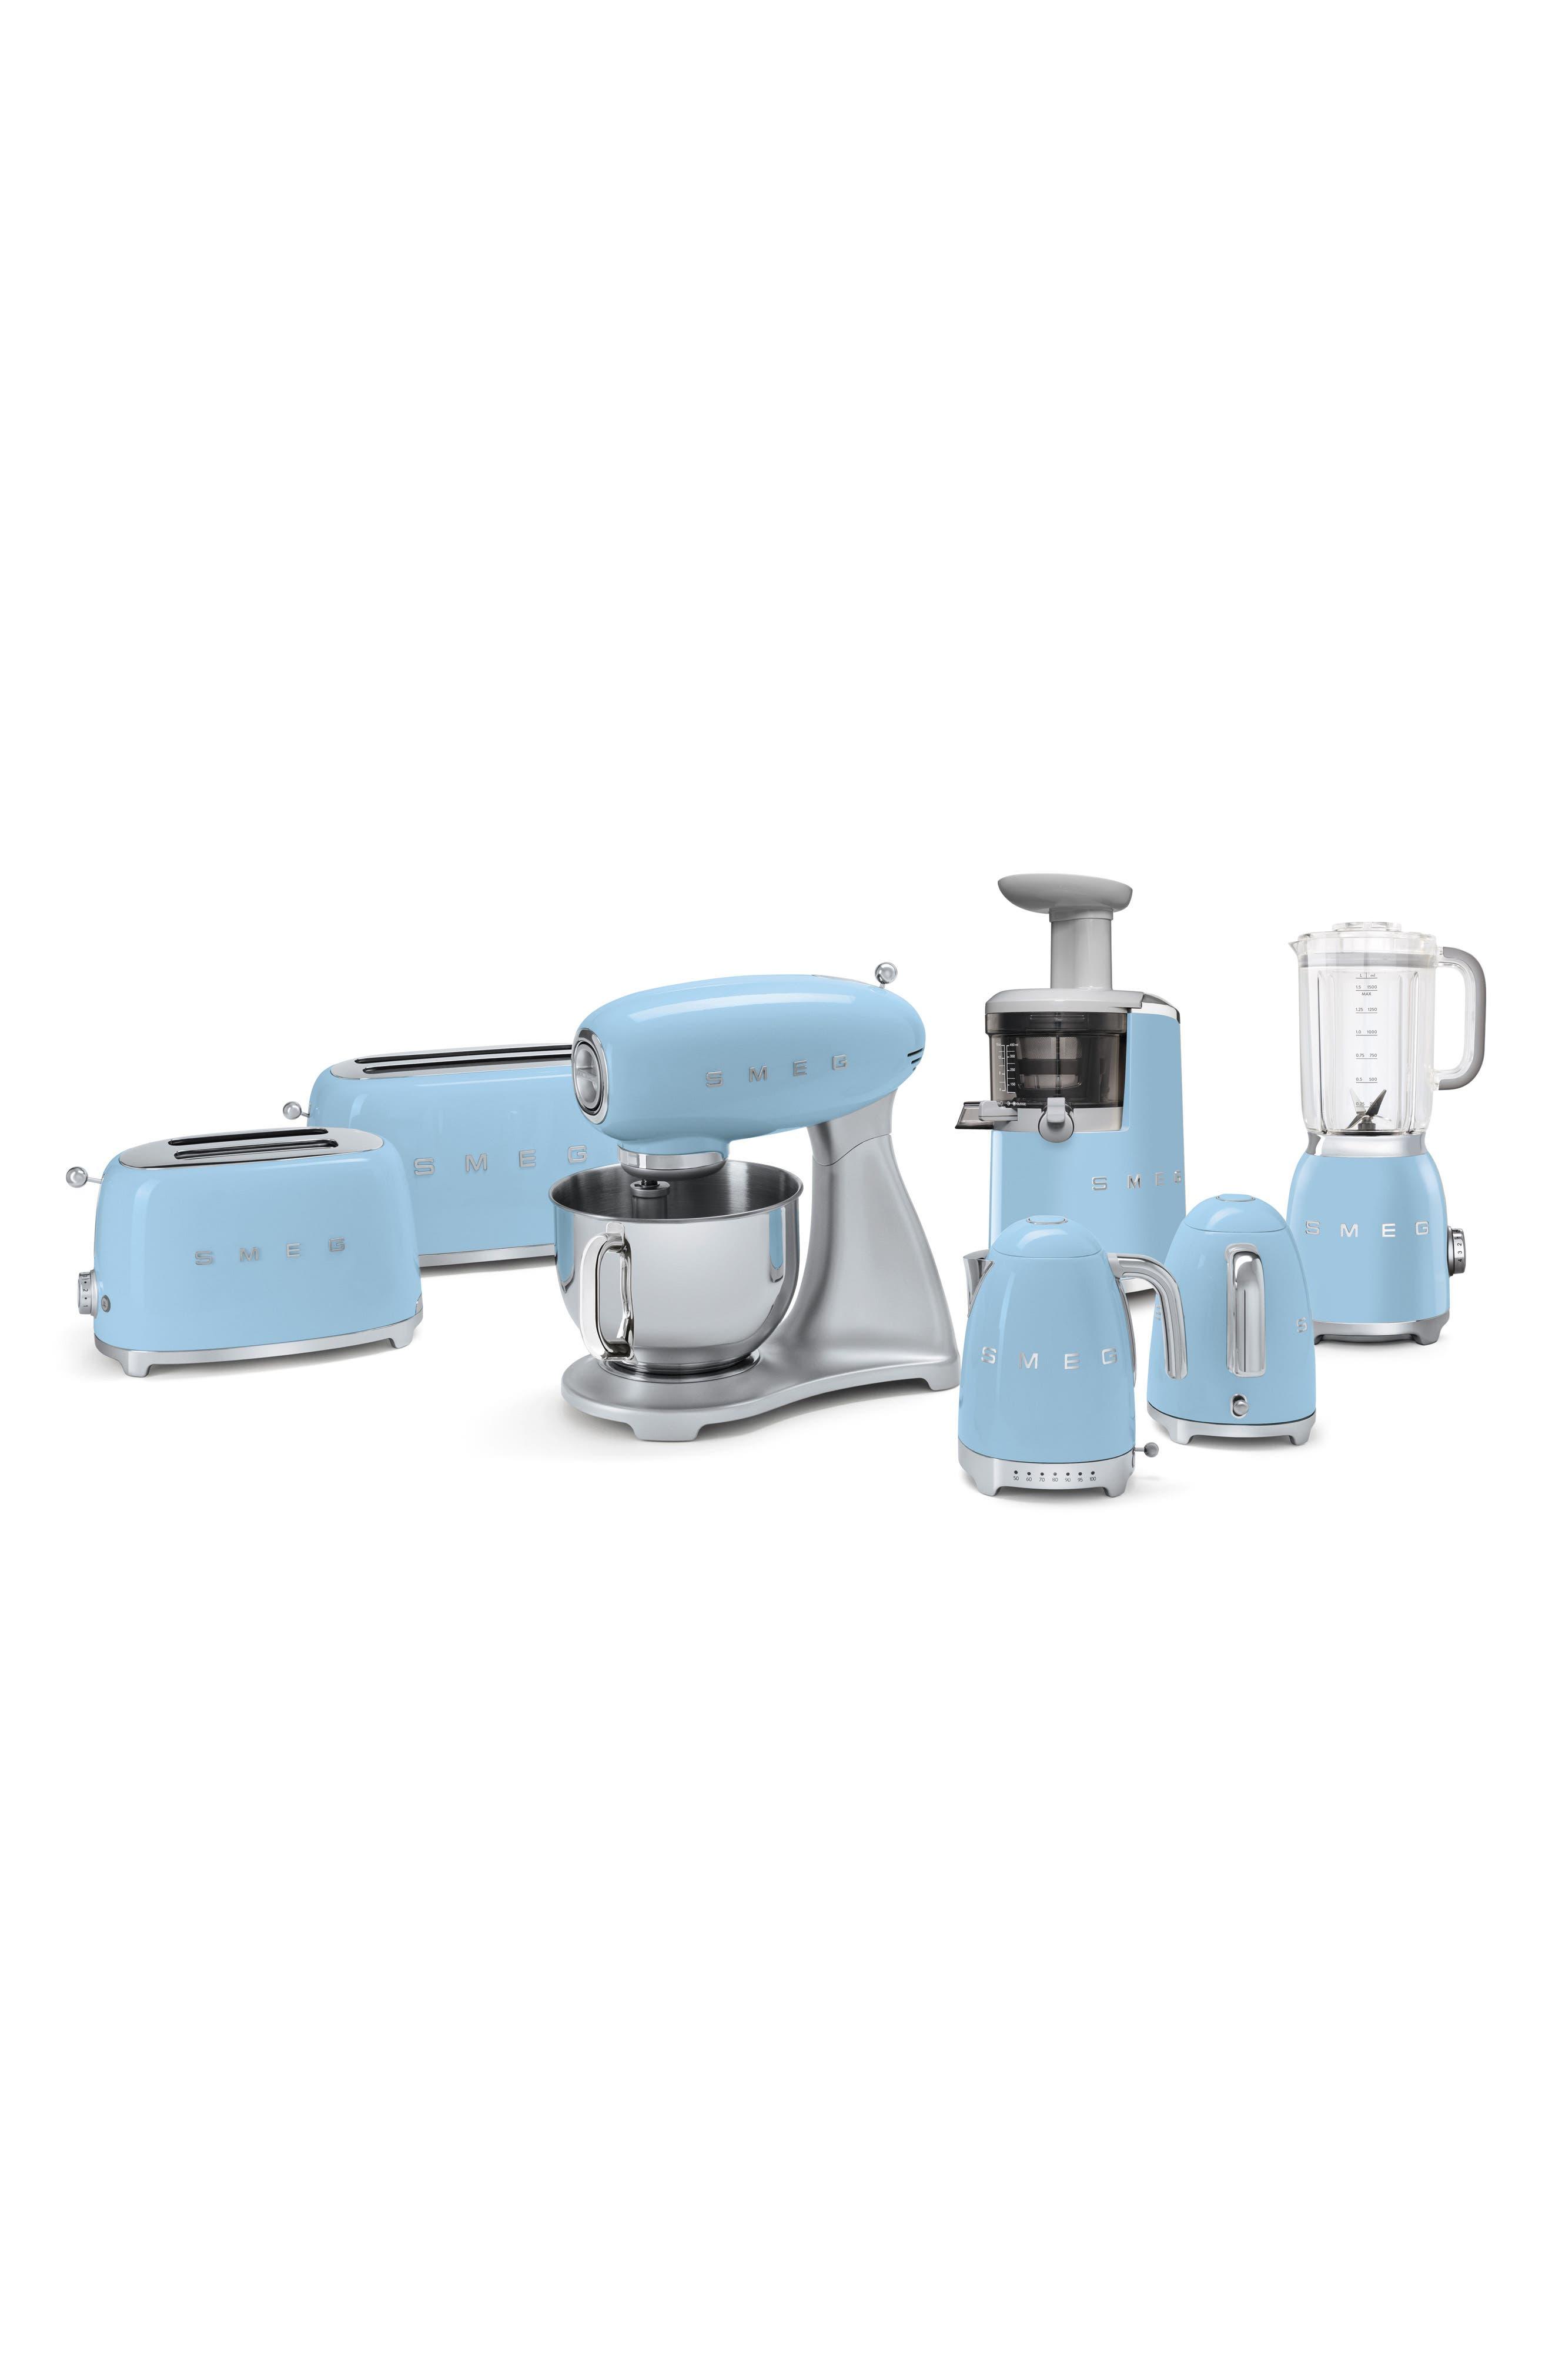 50s Retro Style Five-Quart Stand Mixer,                             Alternate thumbnail 3, color,                             Pastel Blue